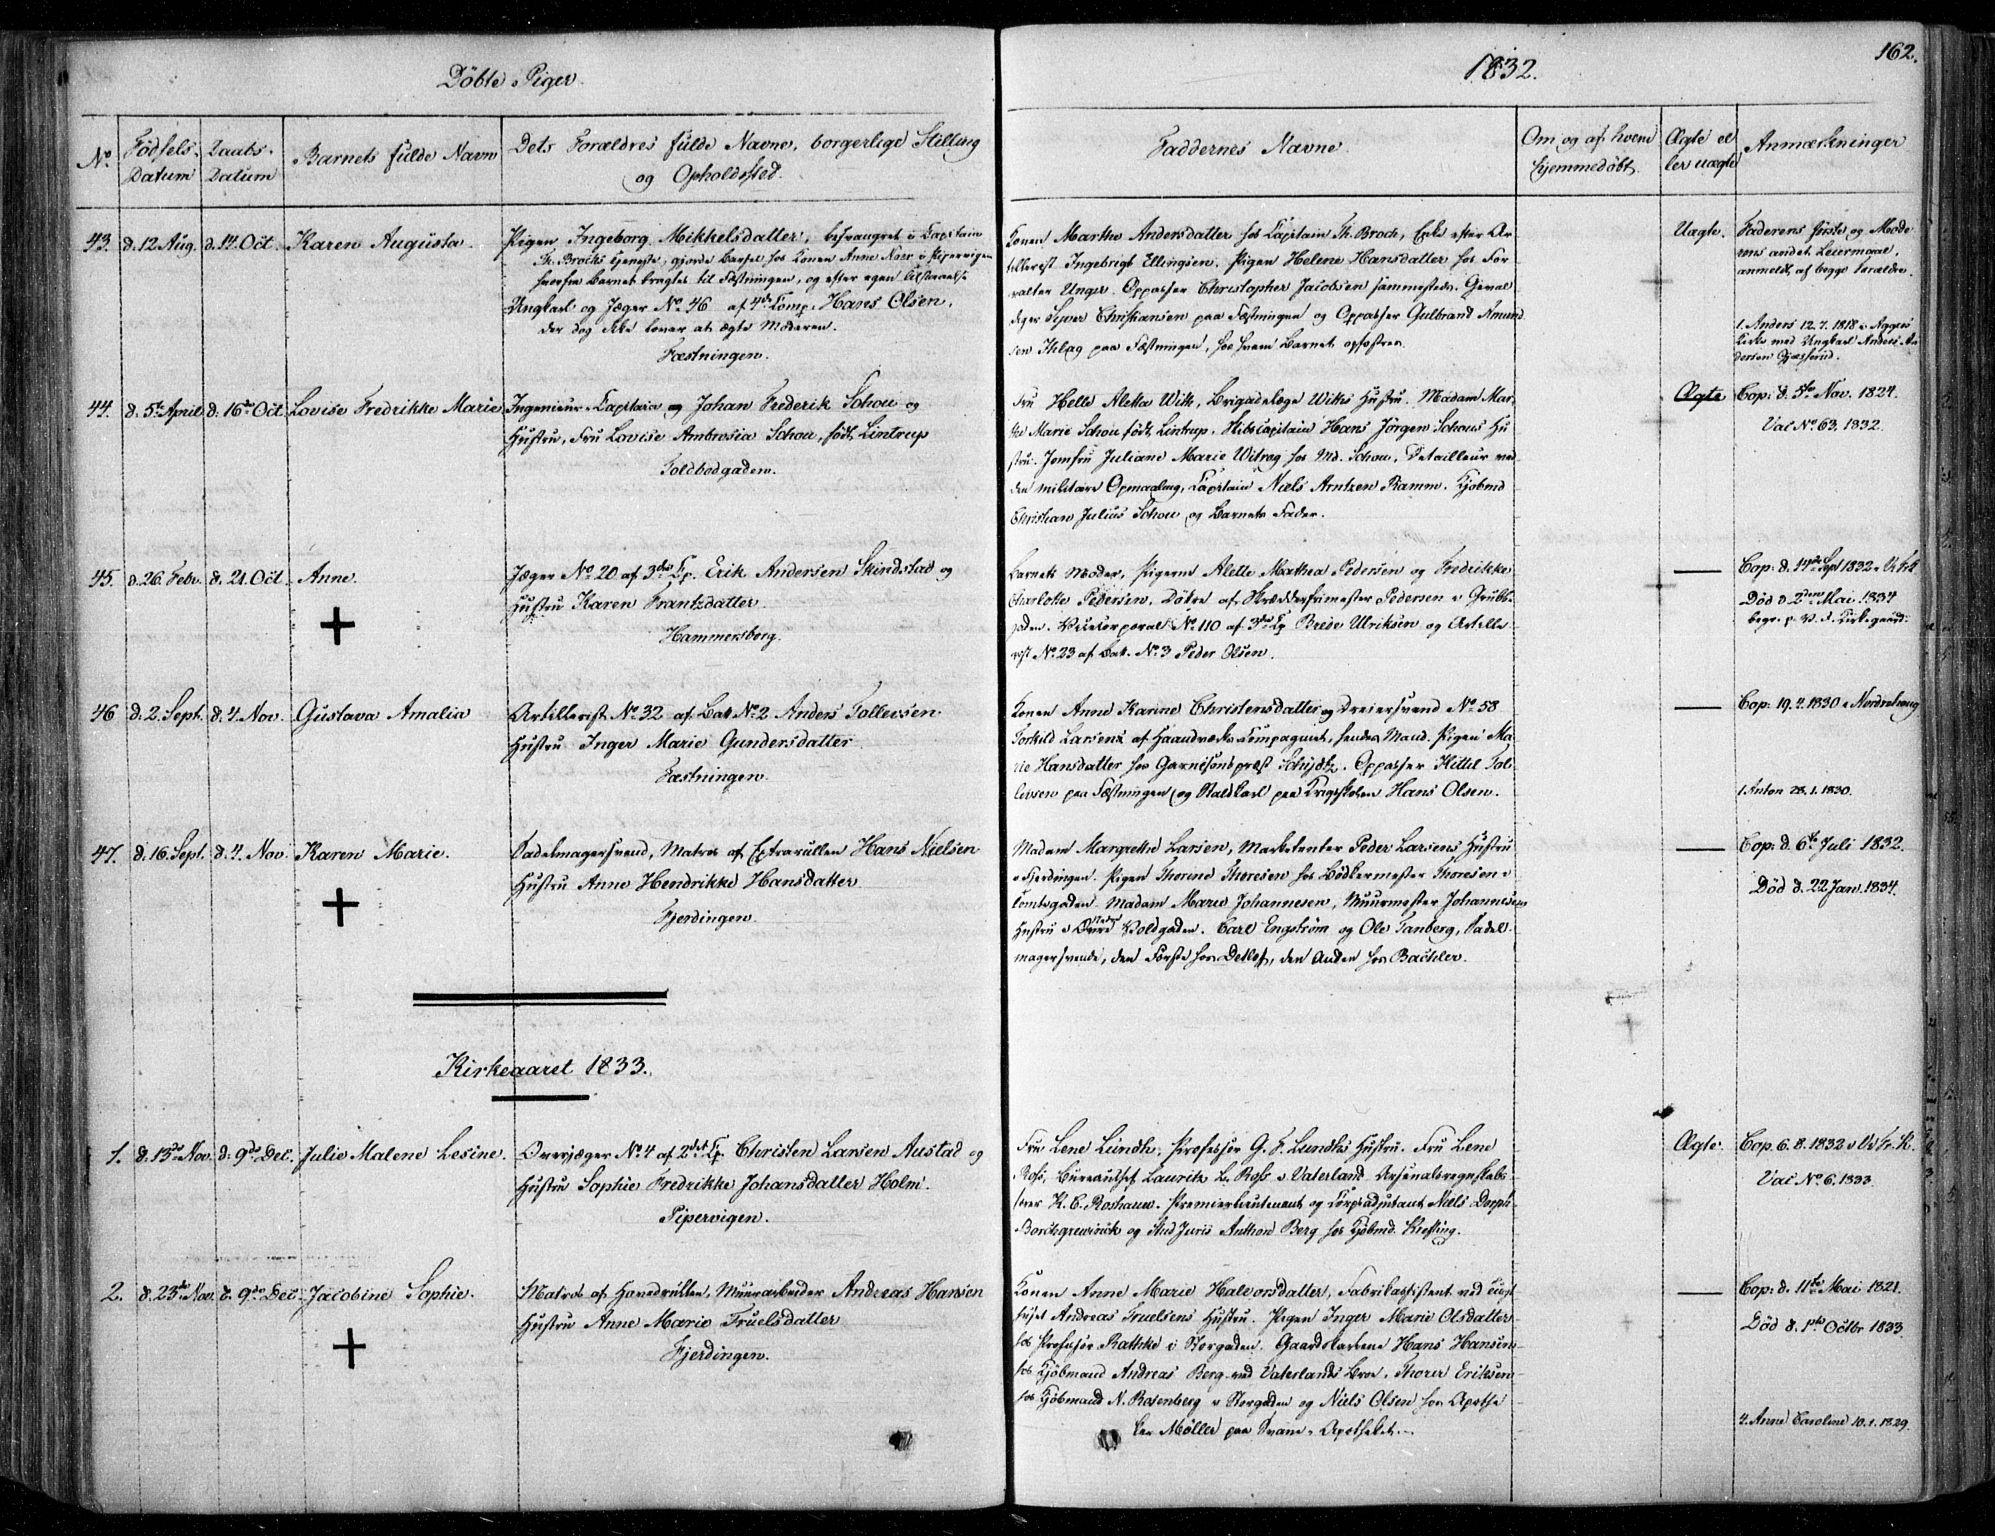 SAO, Garnisonsmenigheten Kirkebøker, F/Fa/L0006: Ministerialbok nr. 6, 1828-1841, s. 162